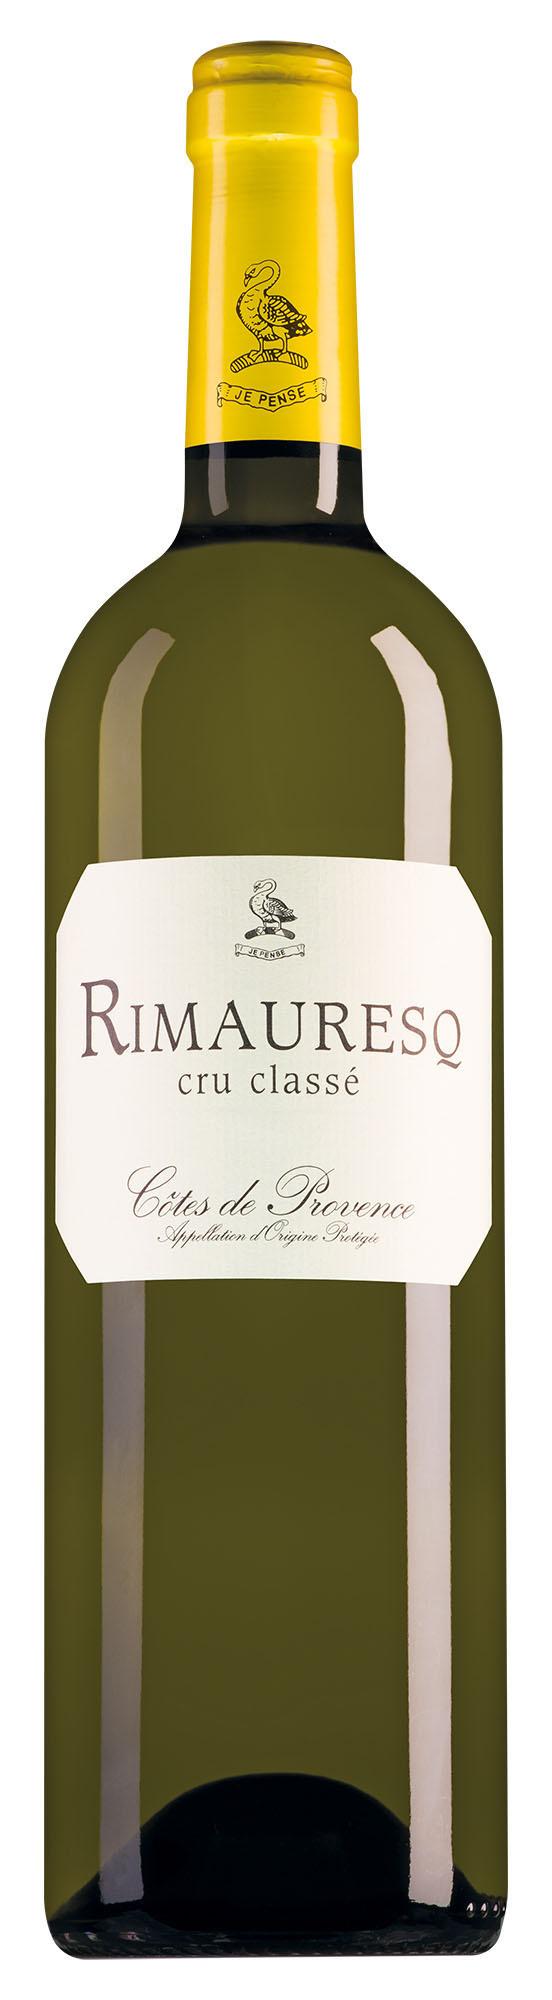 Domaine de Rimauresq Côtes de Provence Cru Classé Blanc 2020